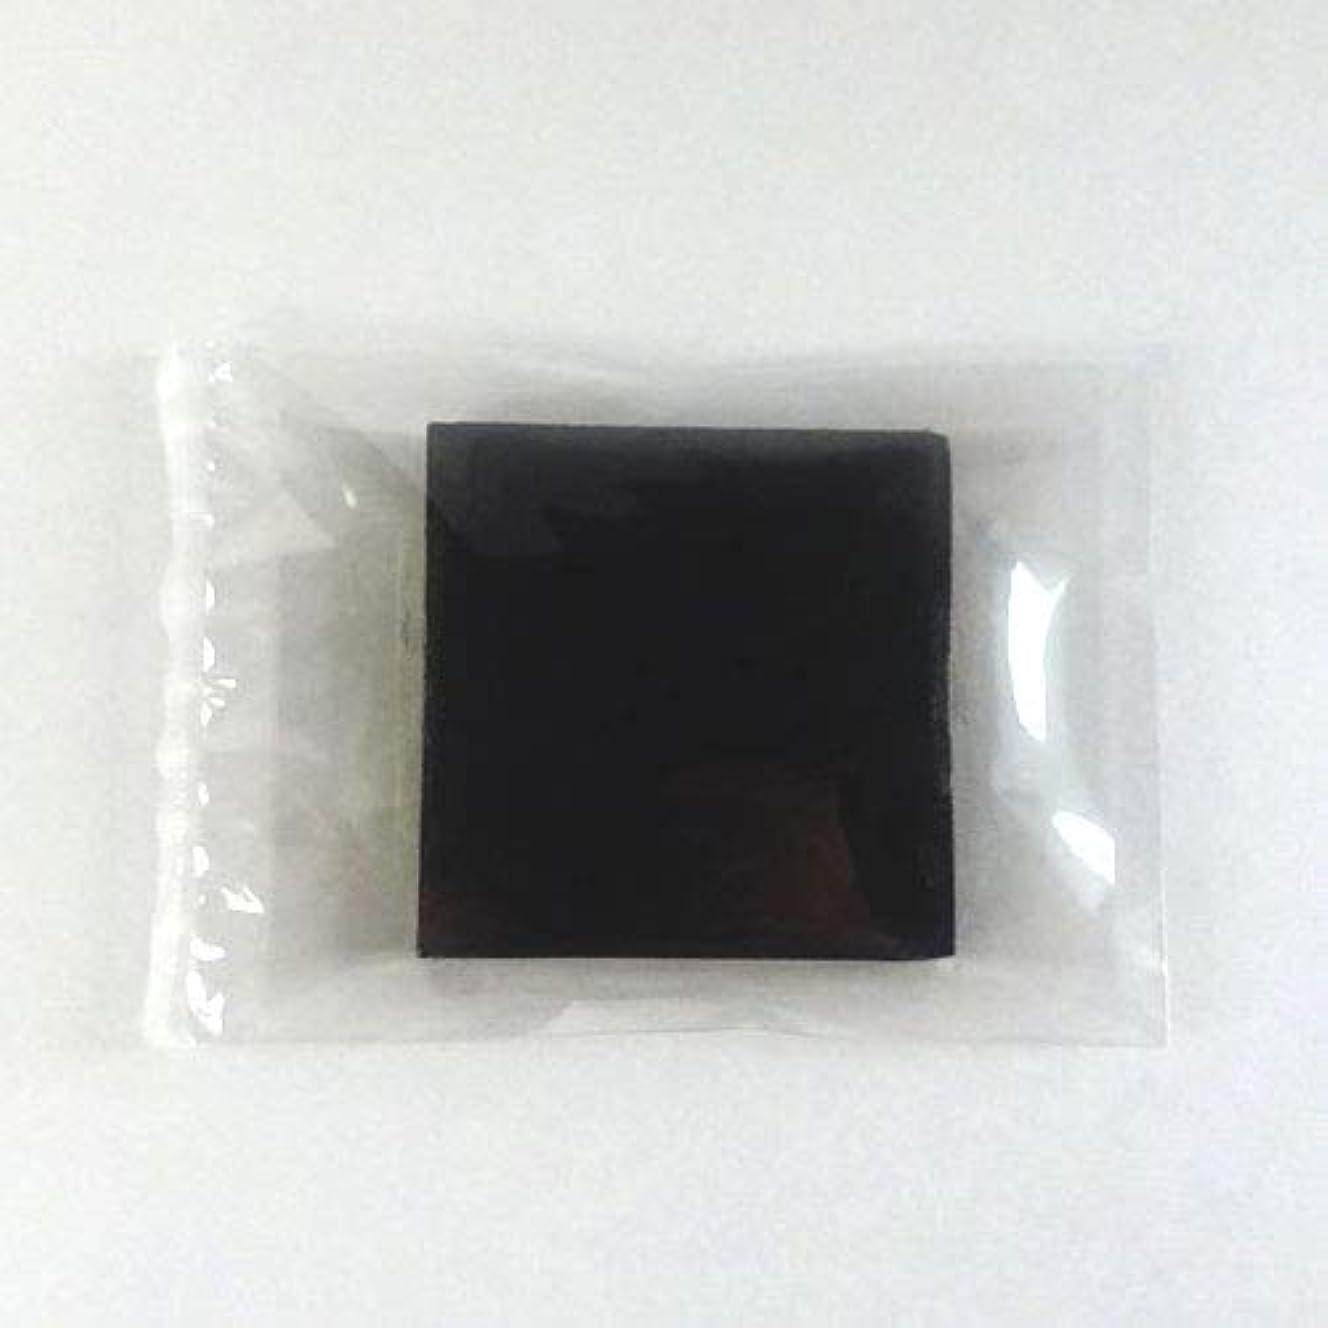 ラダ襟絶えずグリセリンソープ MPソープ 色チップ 黒(ブラック) 120g(30g x 4pc)